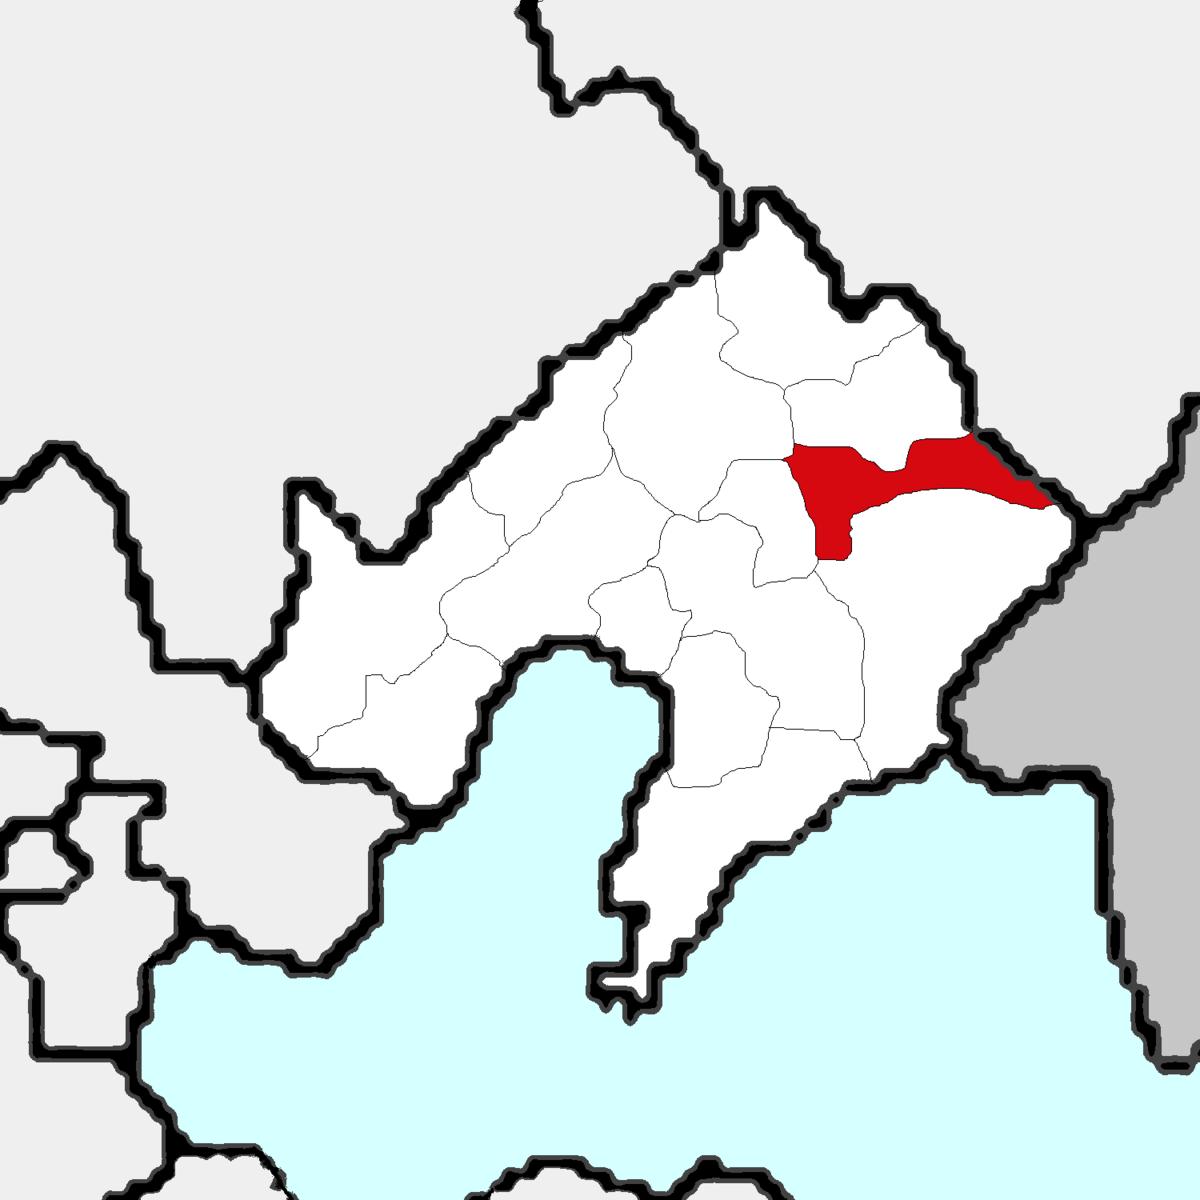 Benxi Wikipédia A Enciclopédia Livre - Benxi map